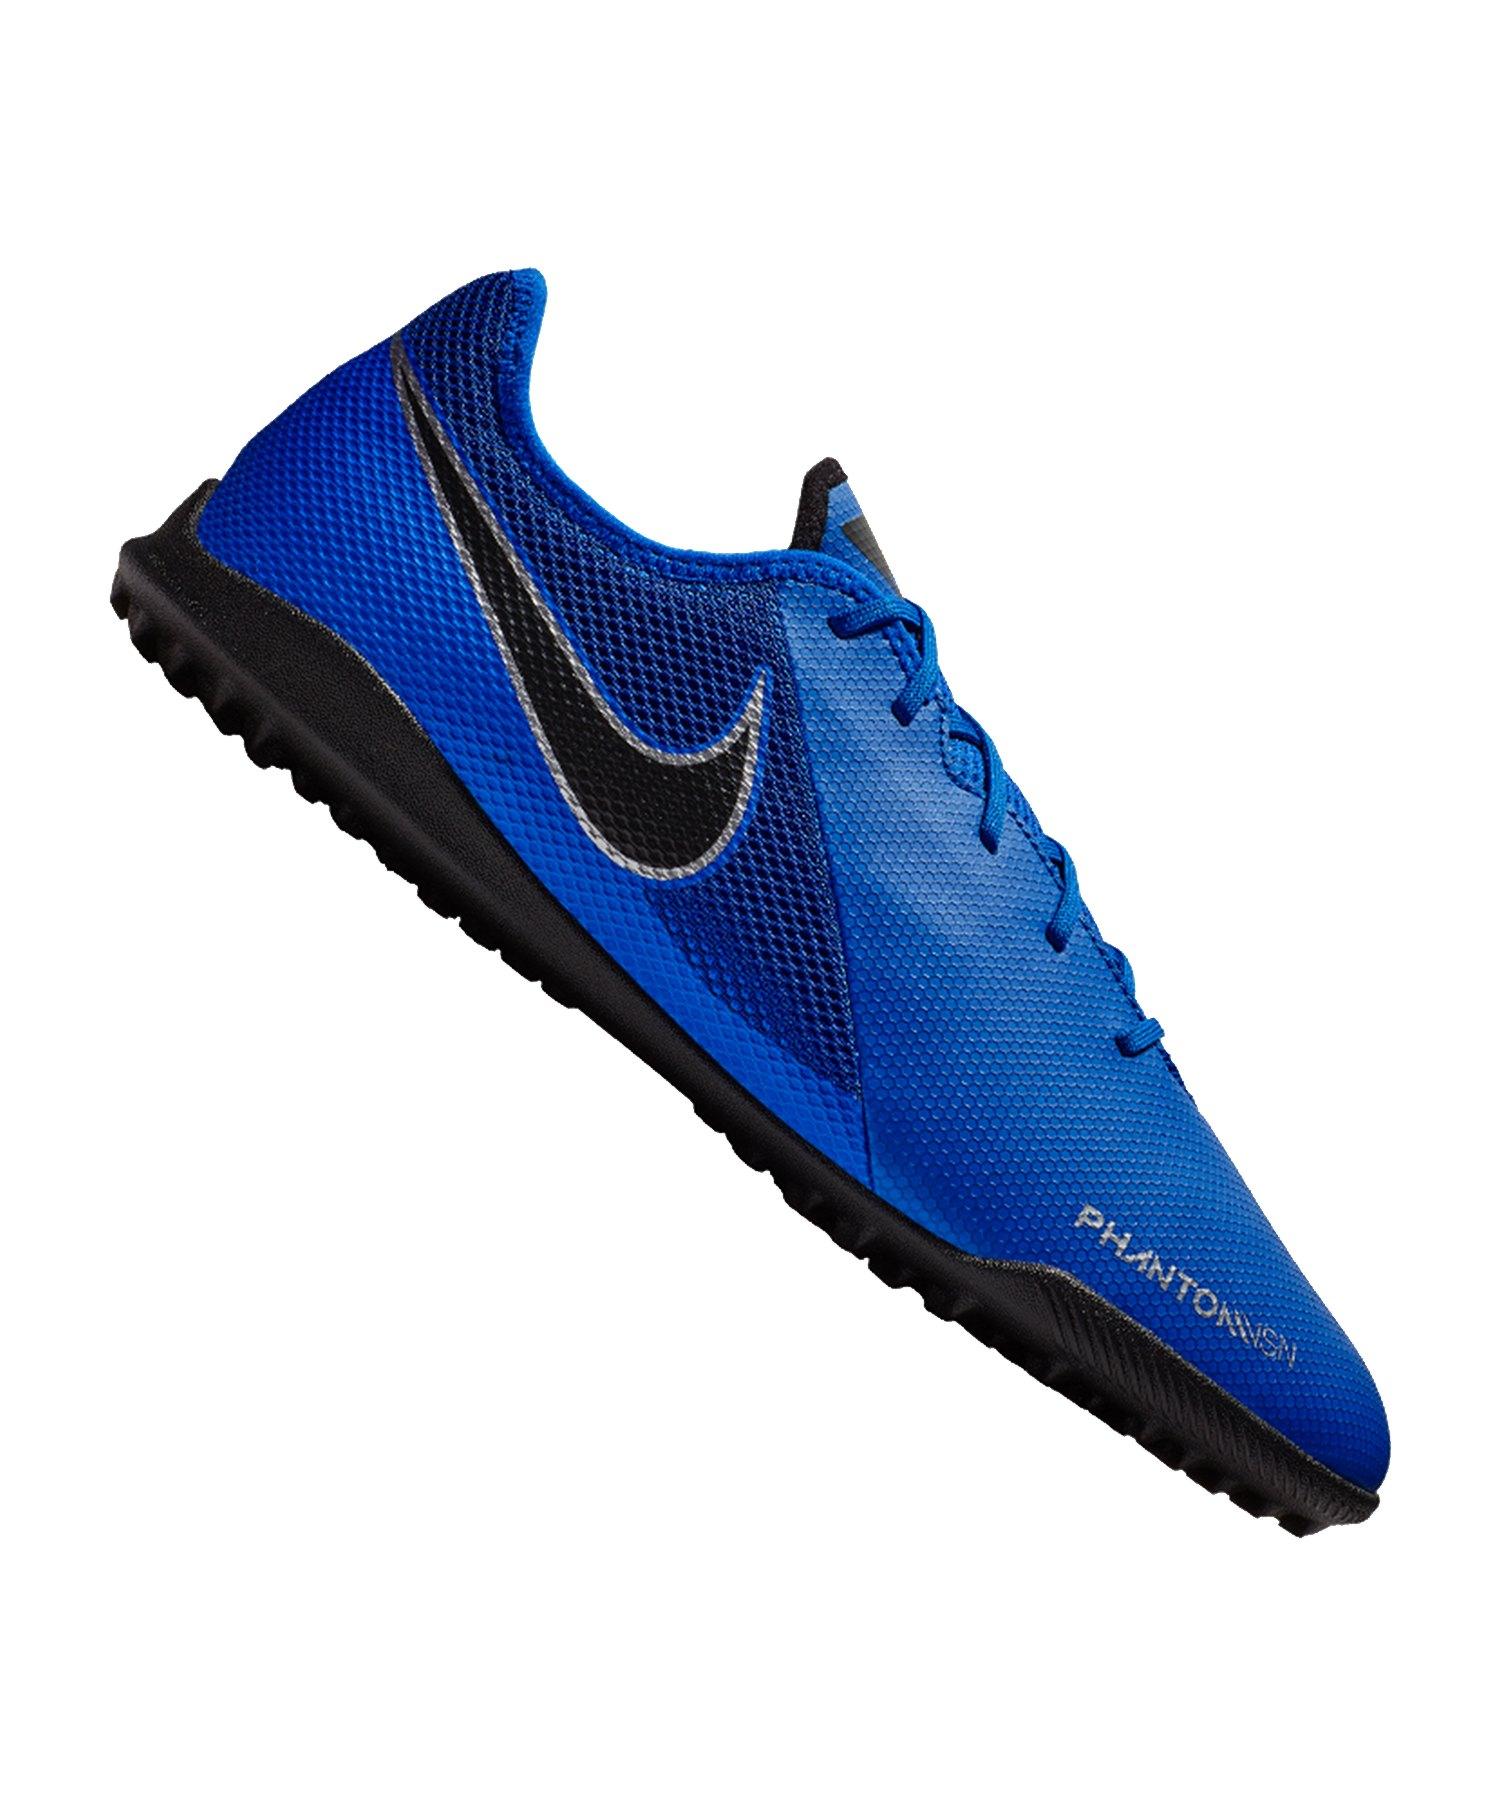 Nike Phantom Vision Academy TF Blau F400 - blau